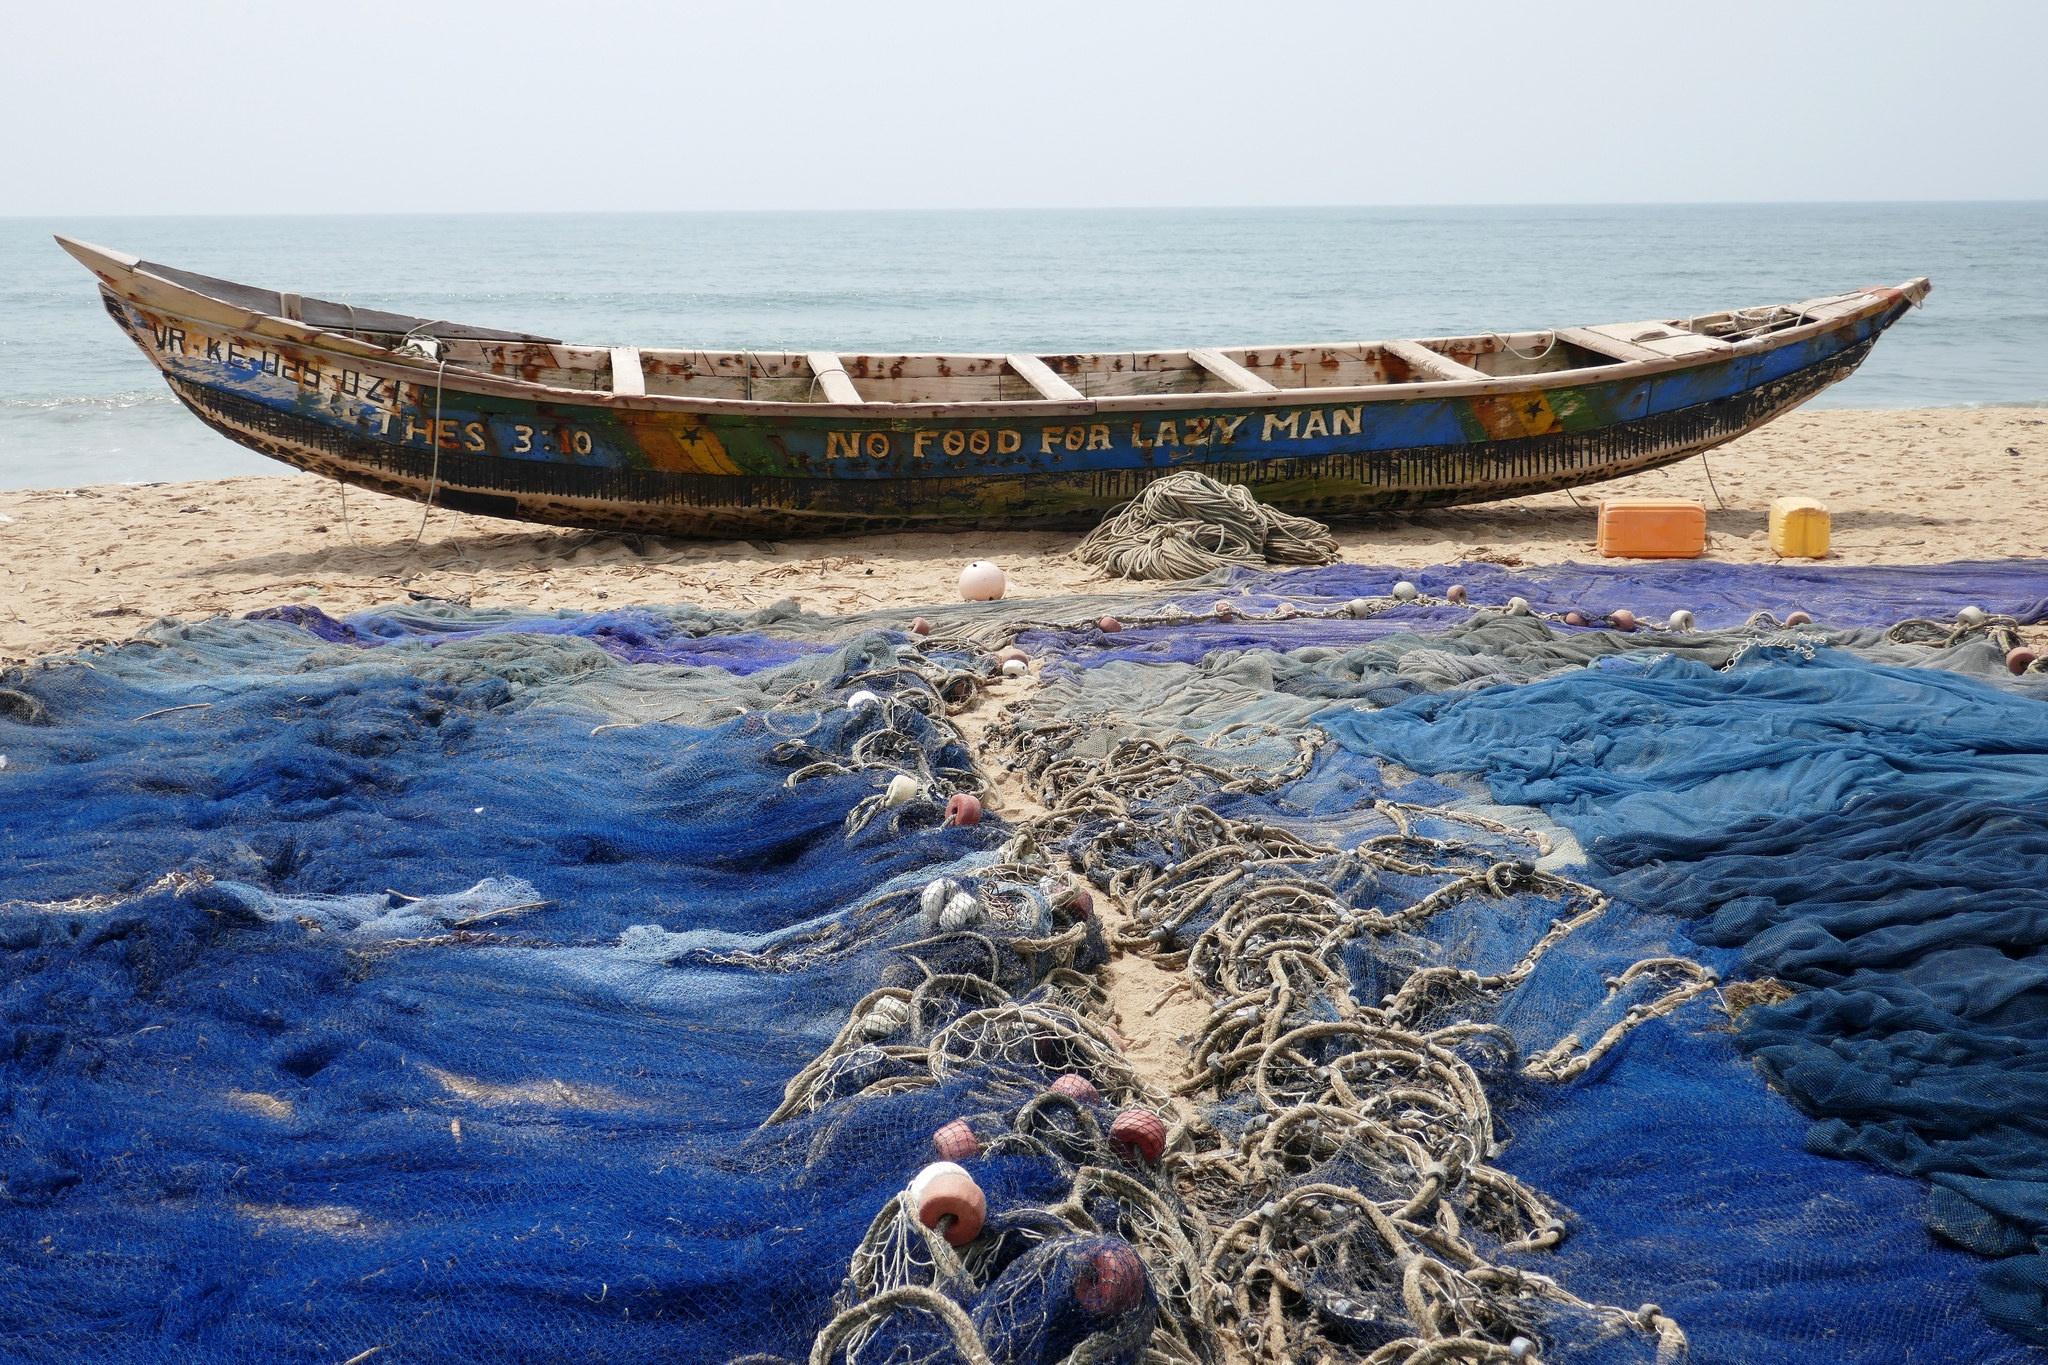 Coast of Nigeria